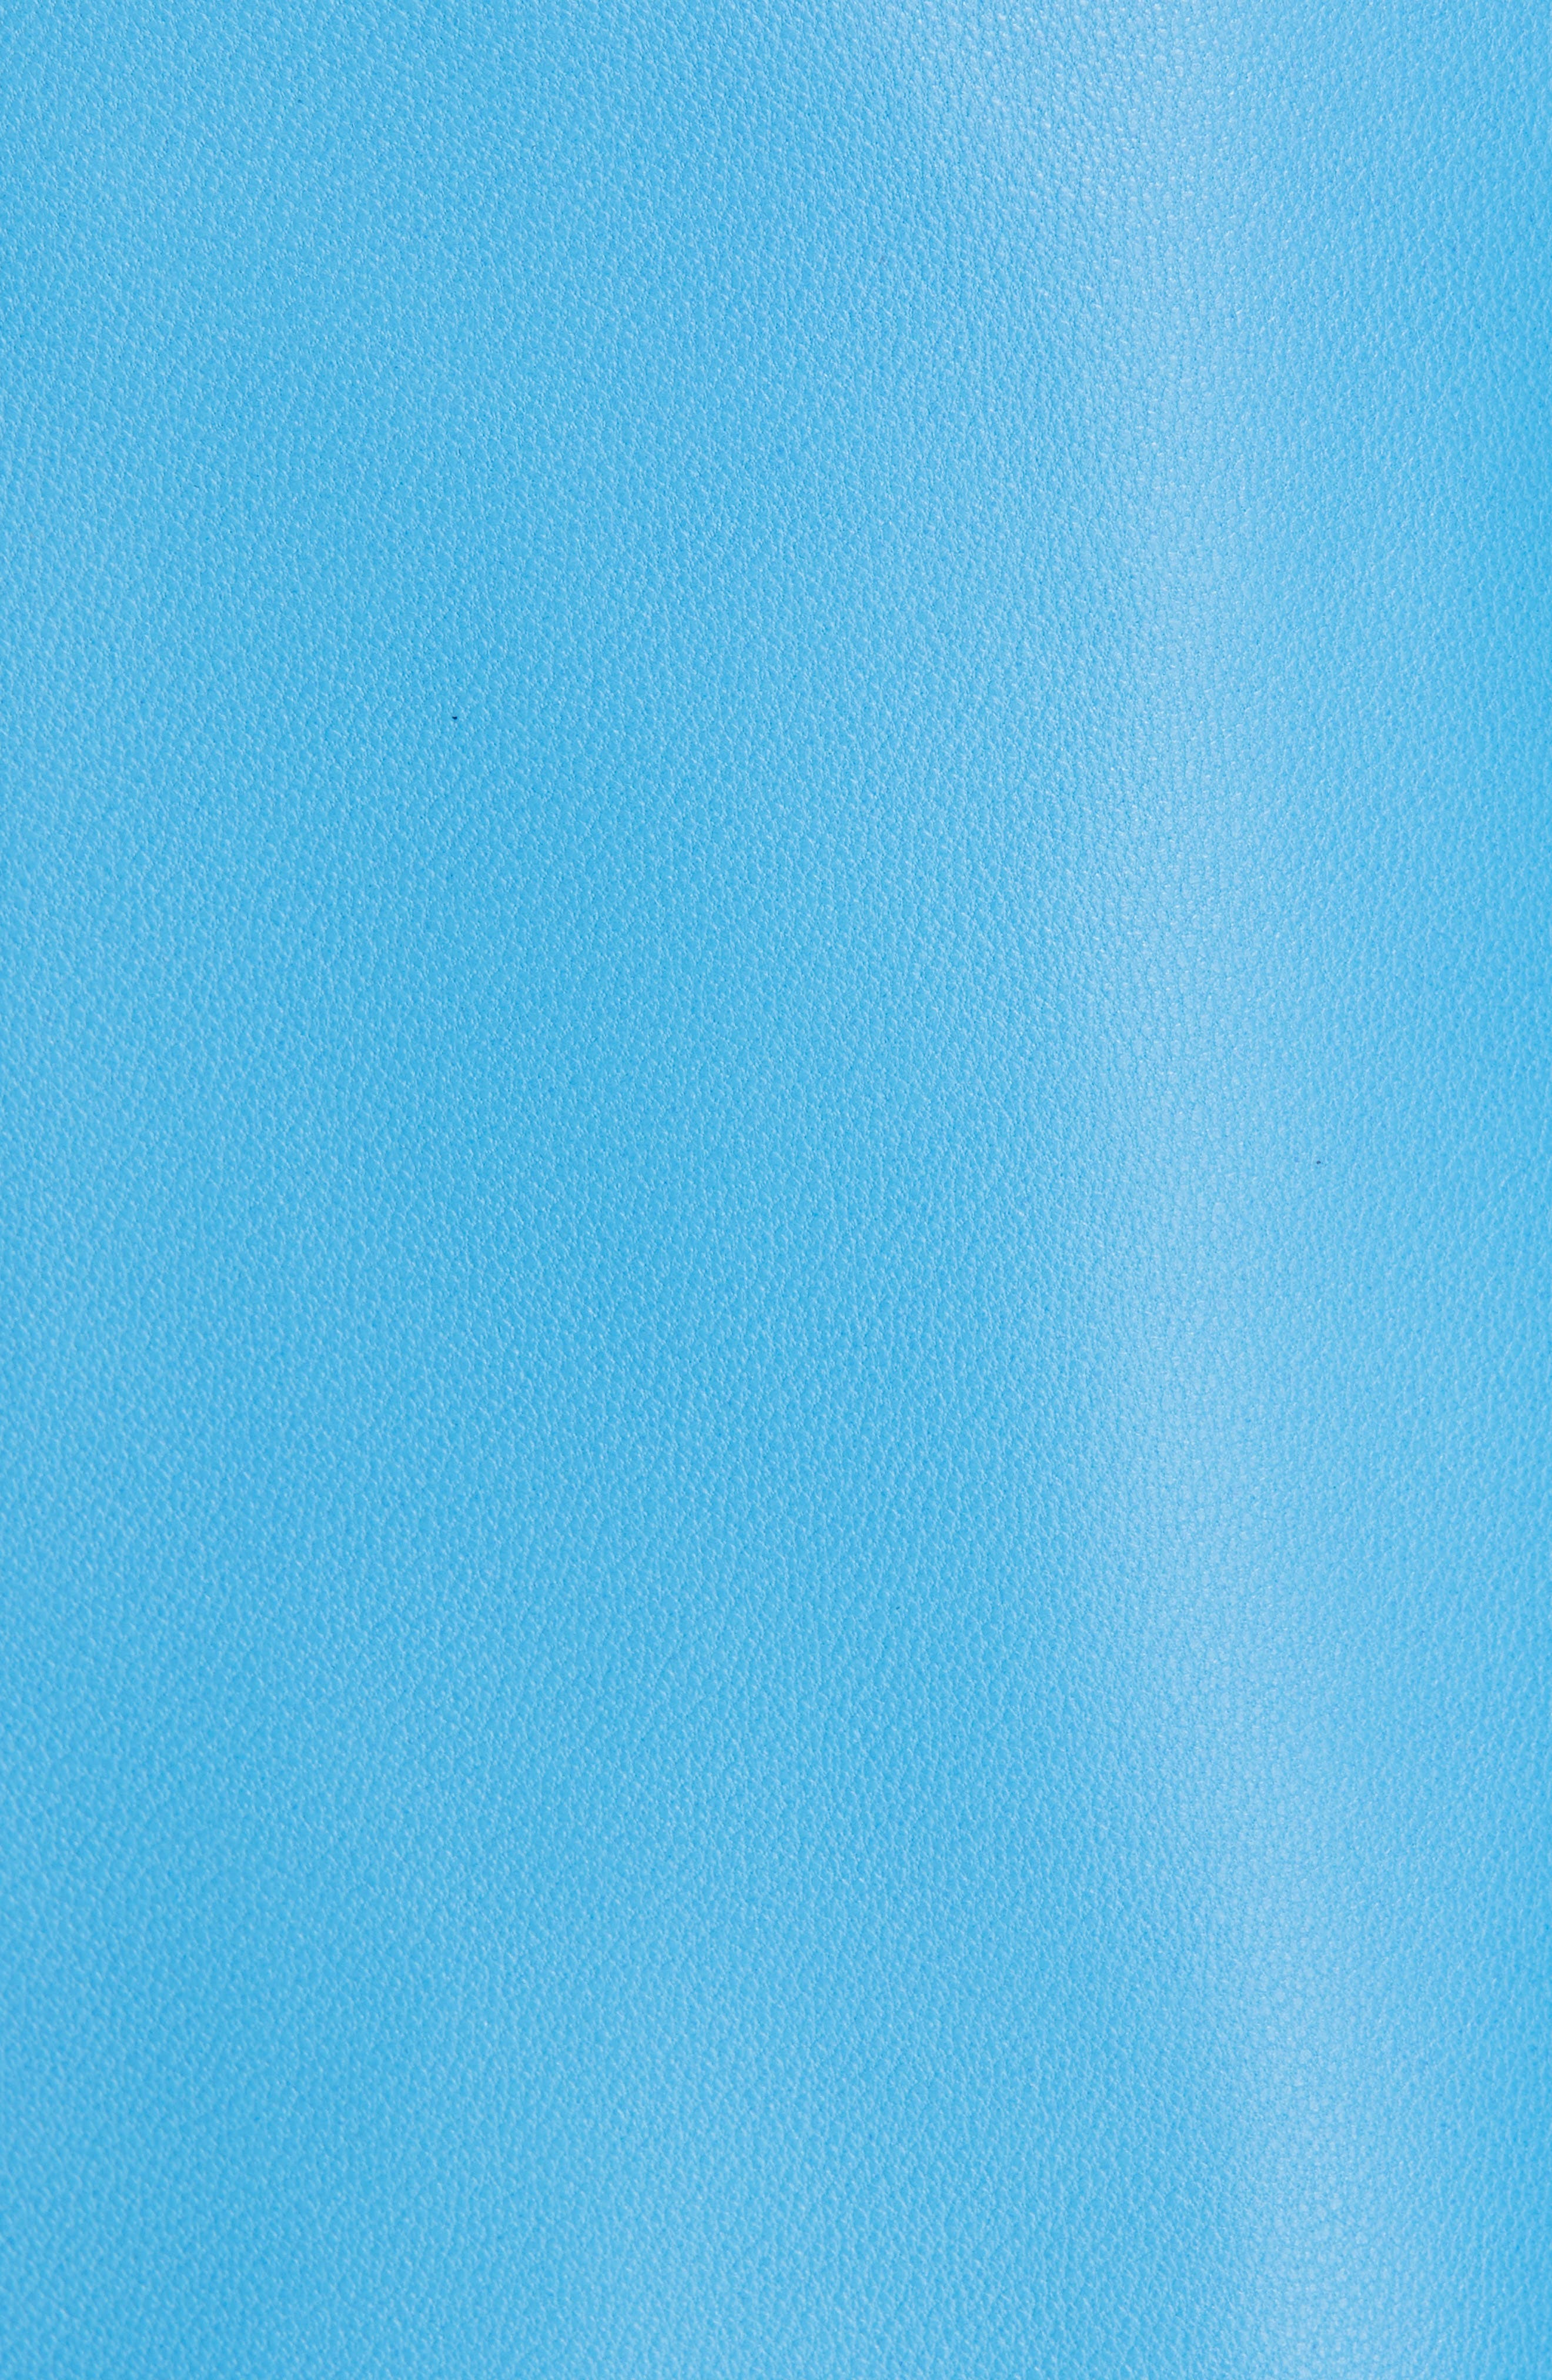 TIBI,                             Asymmetrical Drape Tissue Leather Skirt,                             Alternate thumbnail 5, color,                             OCEAN BLUE